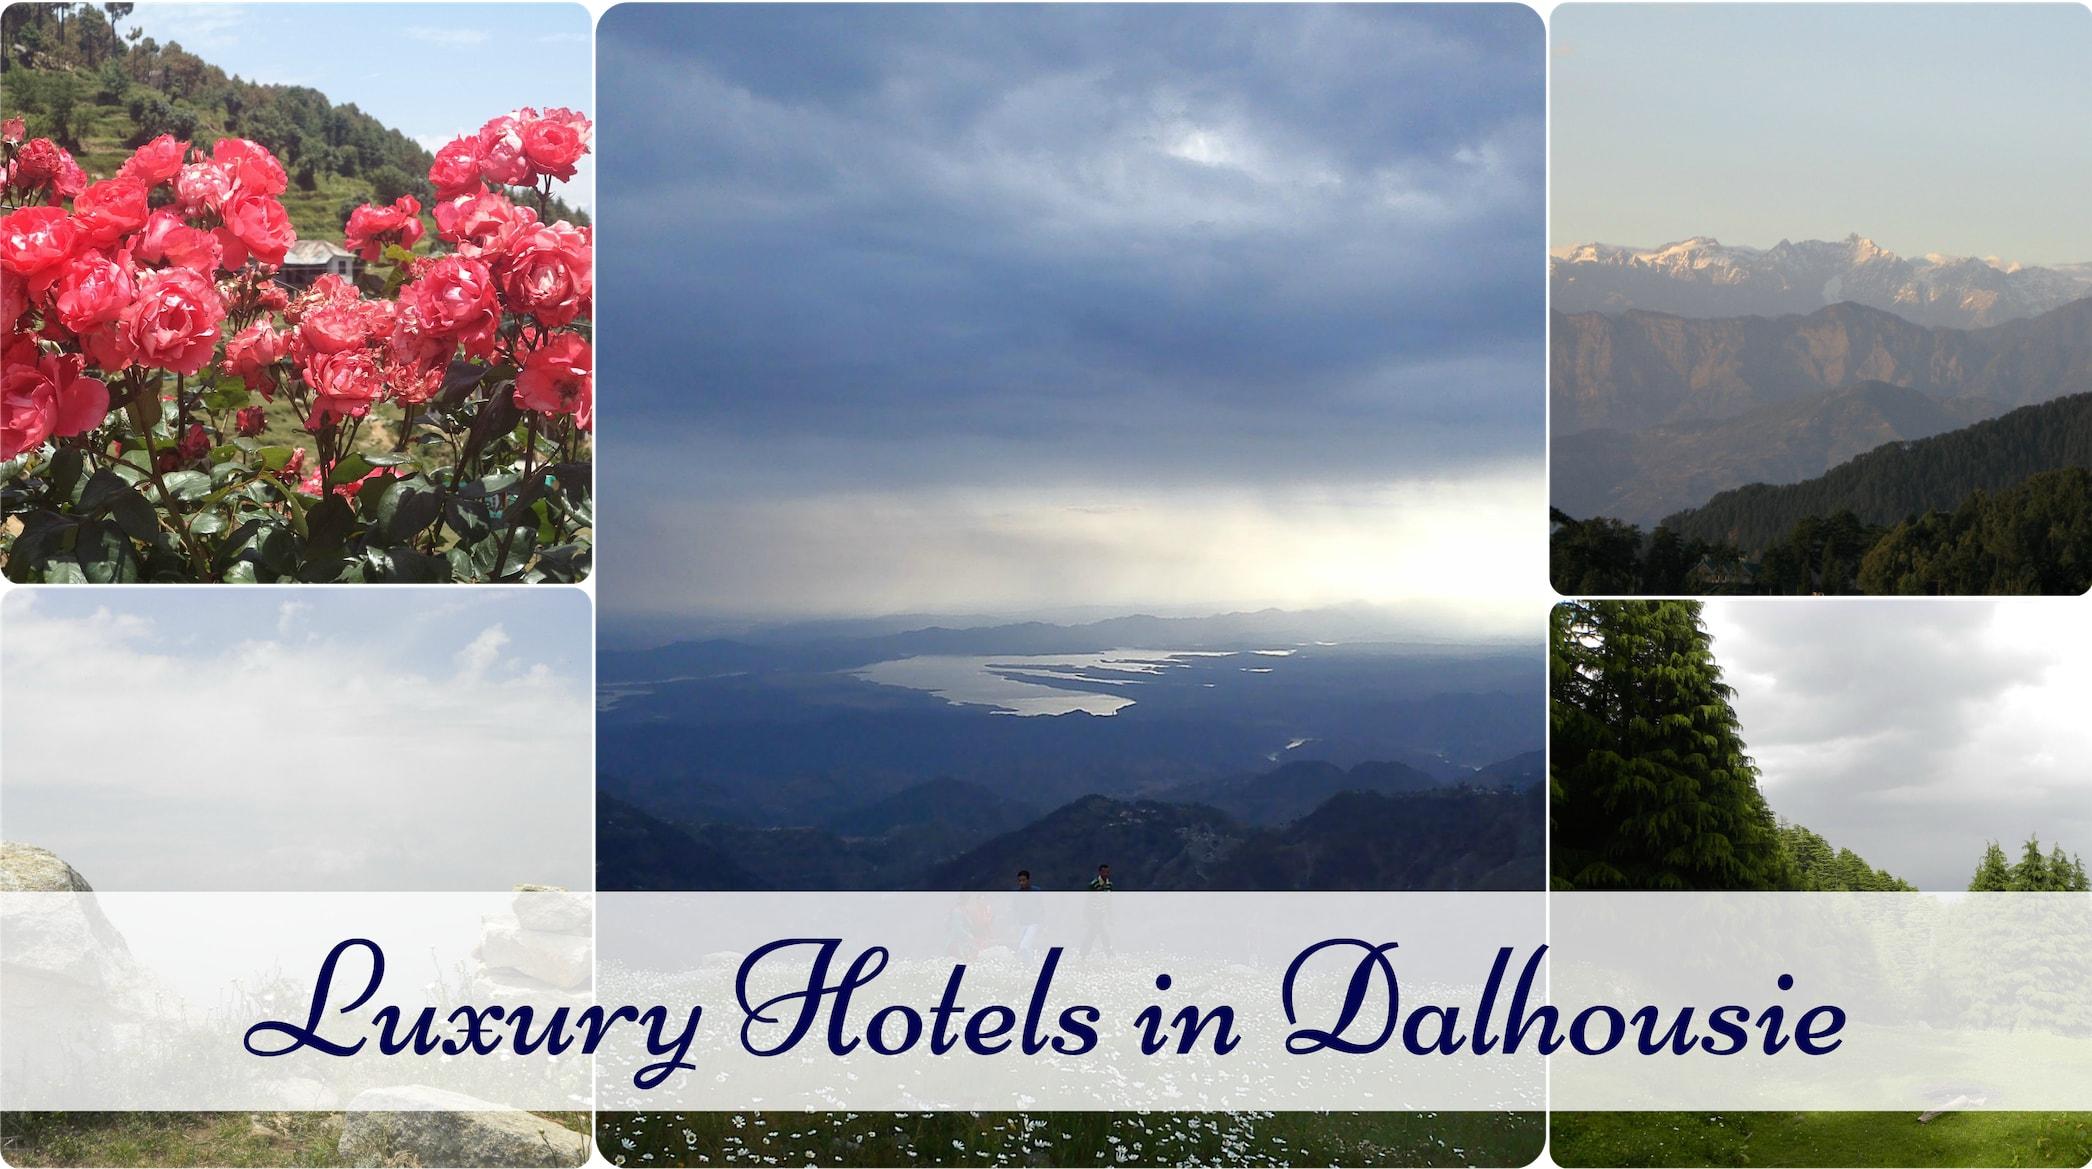 Hotels Dalhousie.